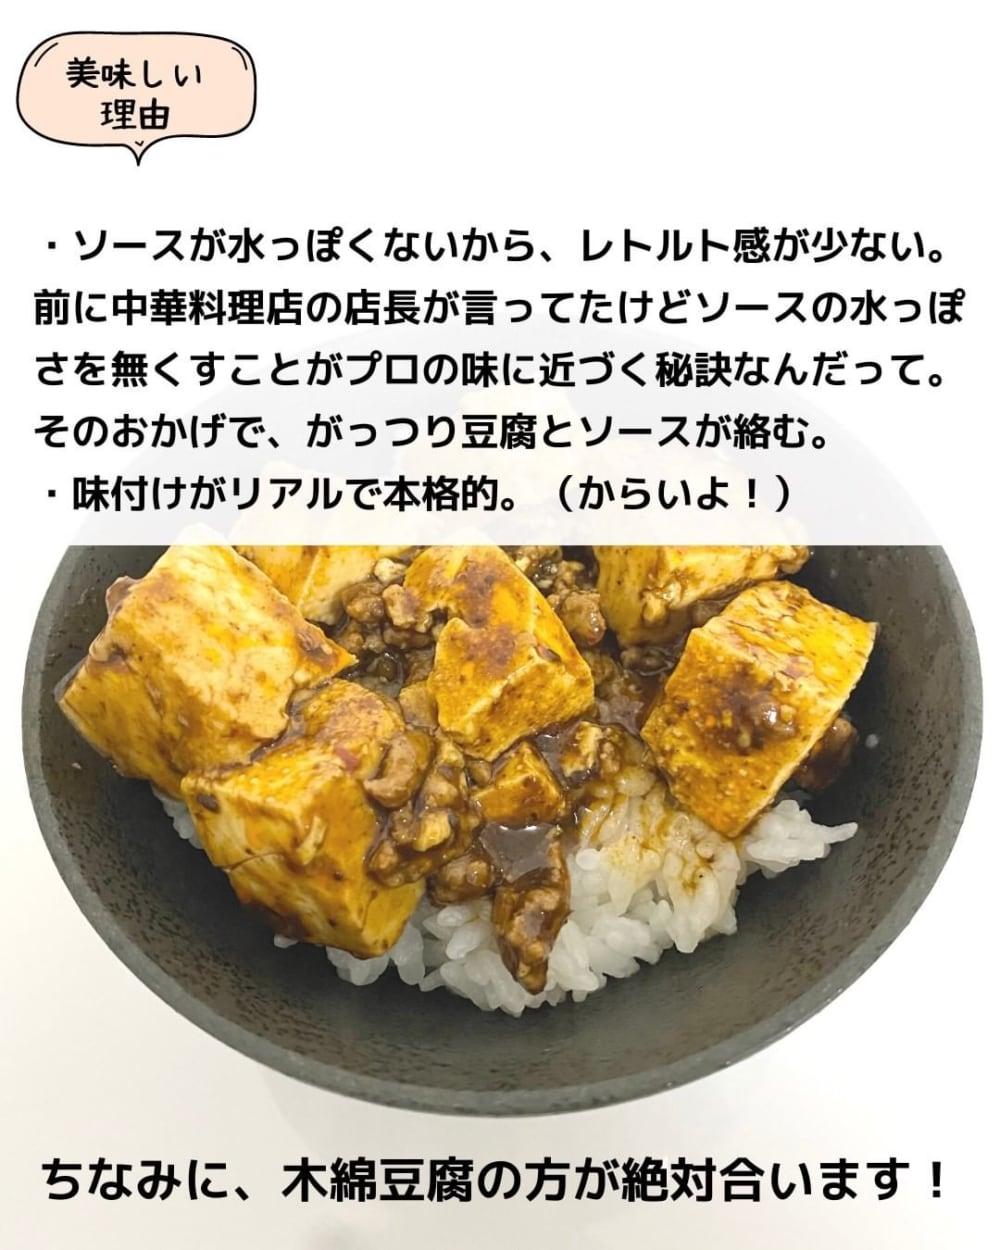 カルディの黒麻婆豆腐の素